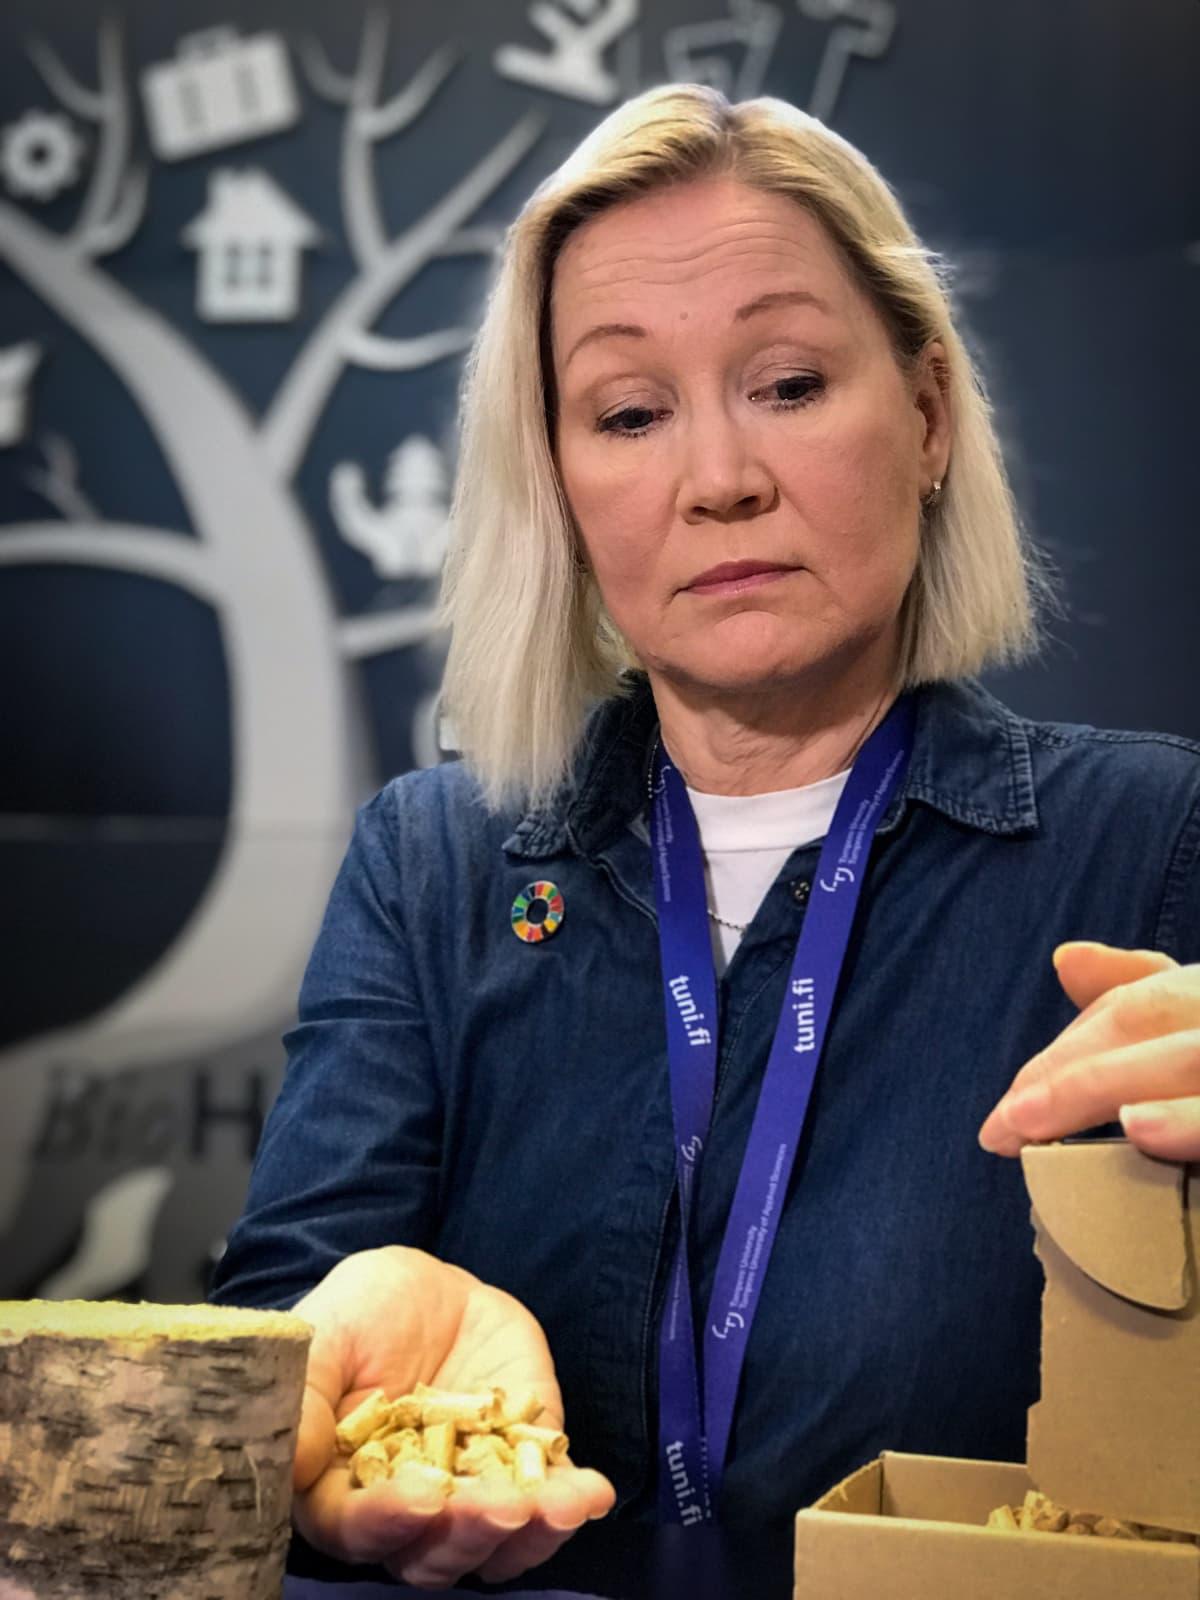 Tampereen ammattikorkeakoulun liiketalouden lehtori Tiina Wickman-Viitala